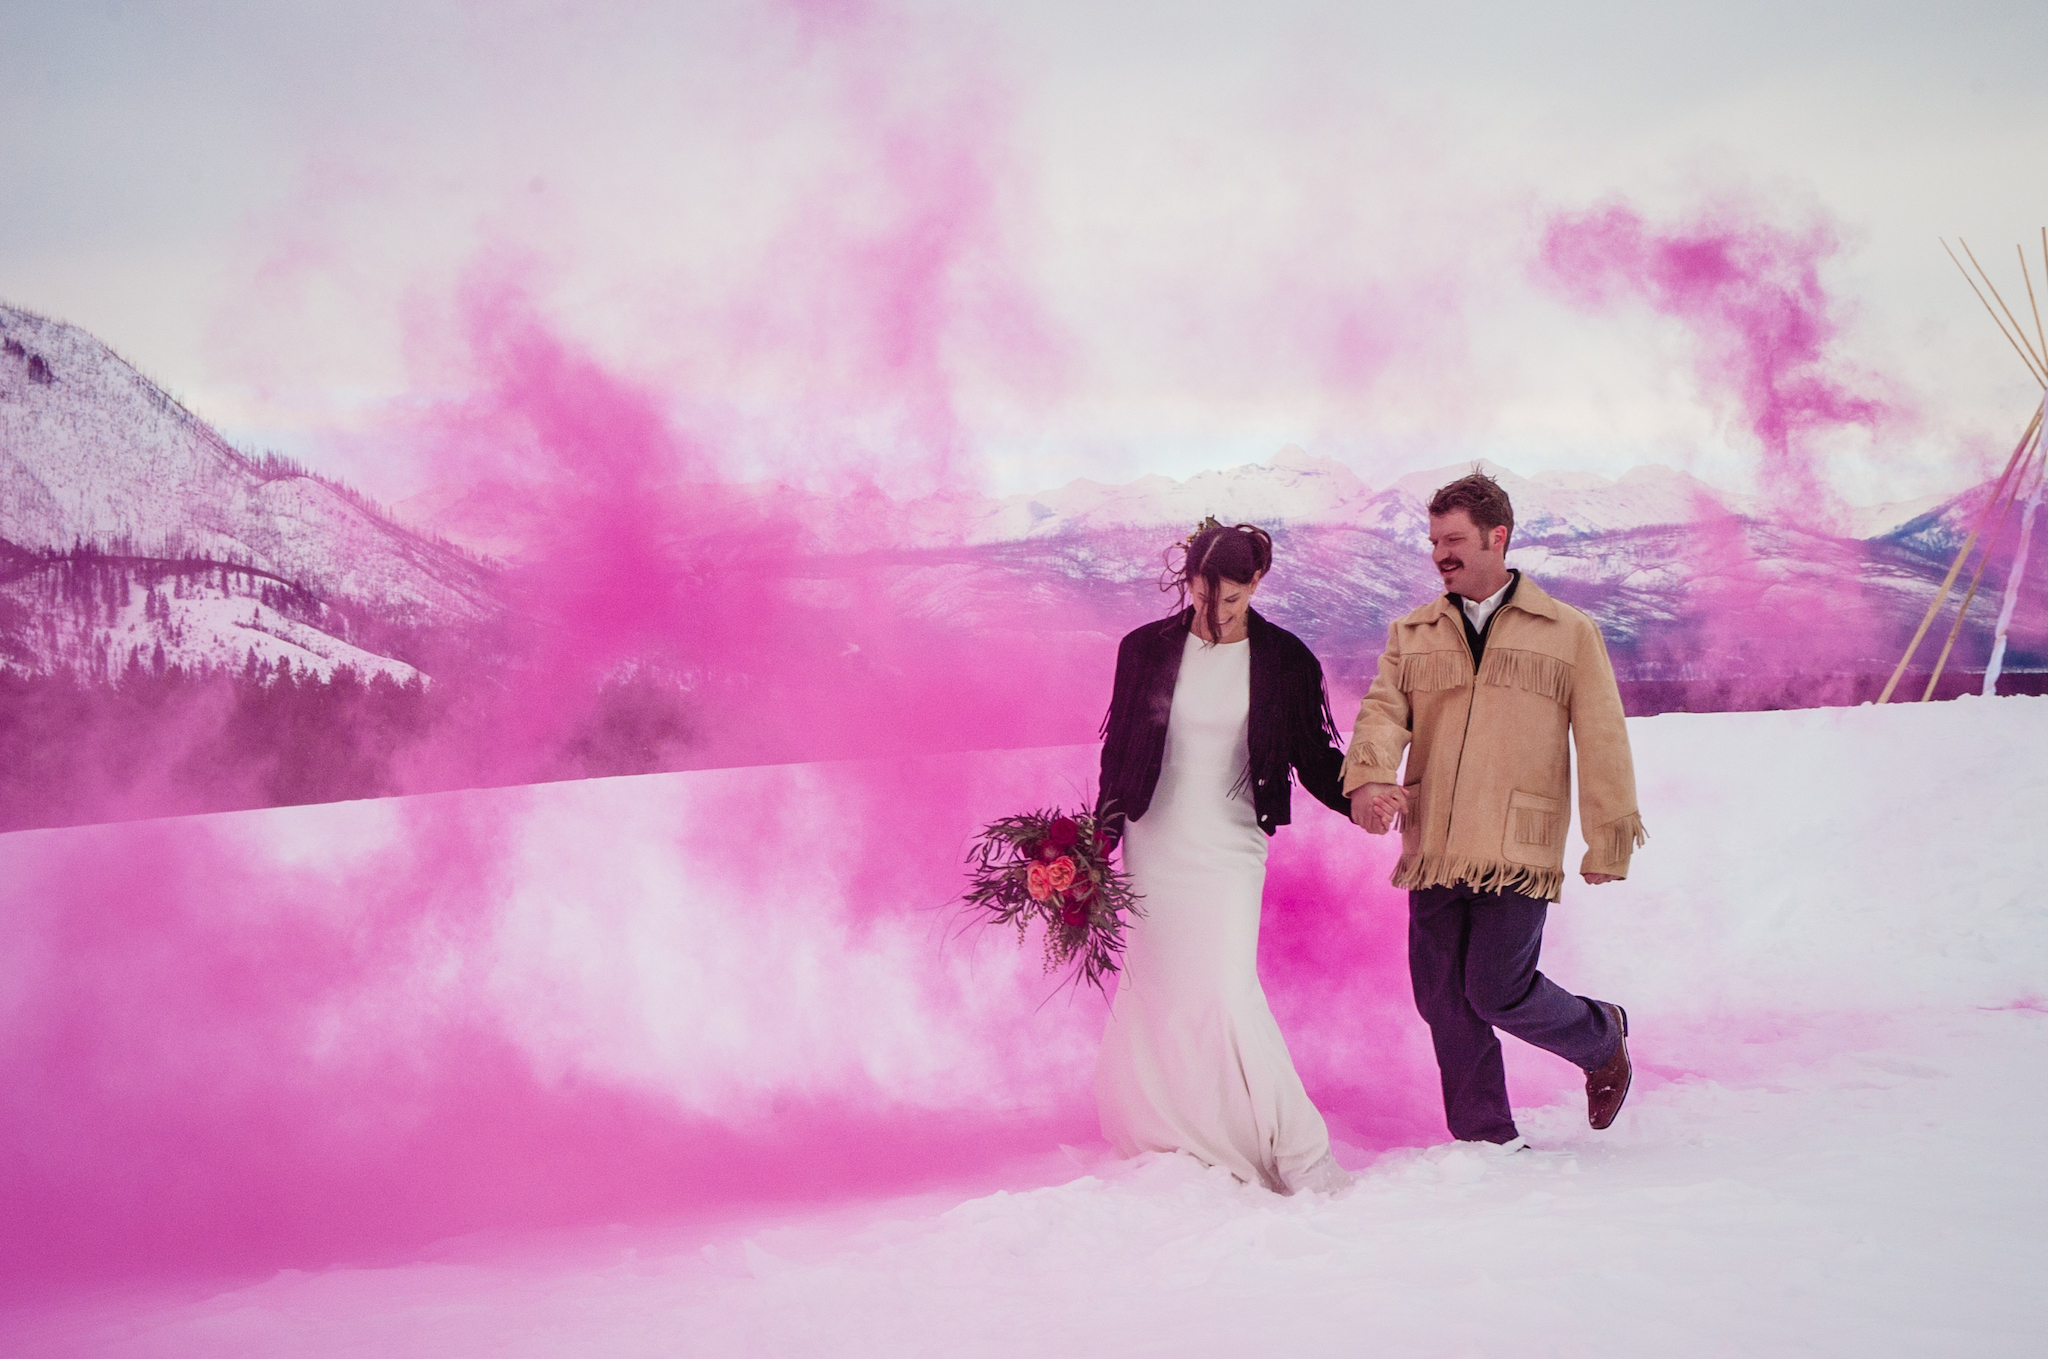 GoingtotheSunChalets_Weddings_LindseyJanePhotography7.jpg